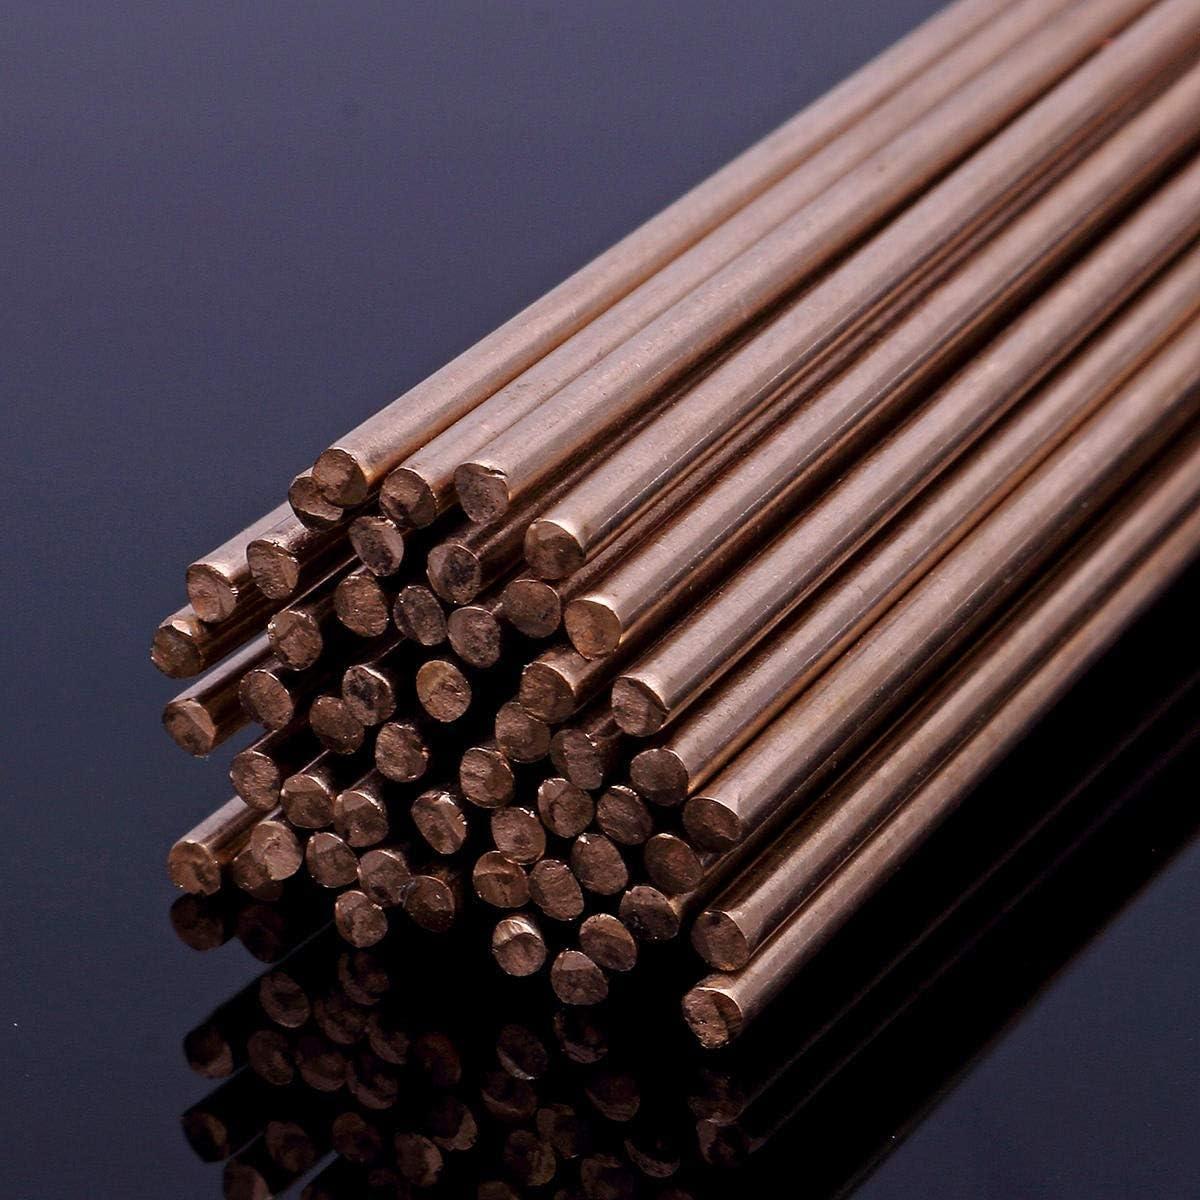 DJY-JY Accesorios de Soldadura 450g 3//32 Pulgadas de Silicon Oro Bronce TIG Varillas 91cm de Largo Varilla de 2 mm de di/ámetro Accesorios for Herramientas el/éctricas